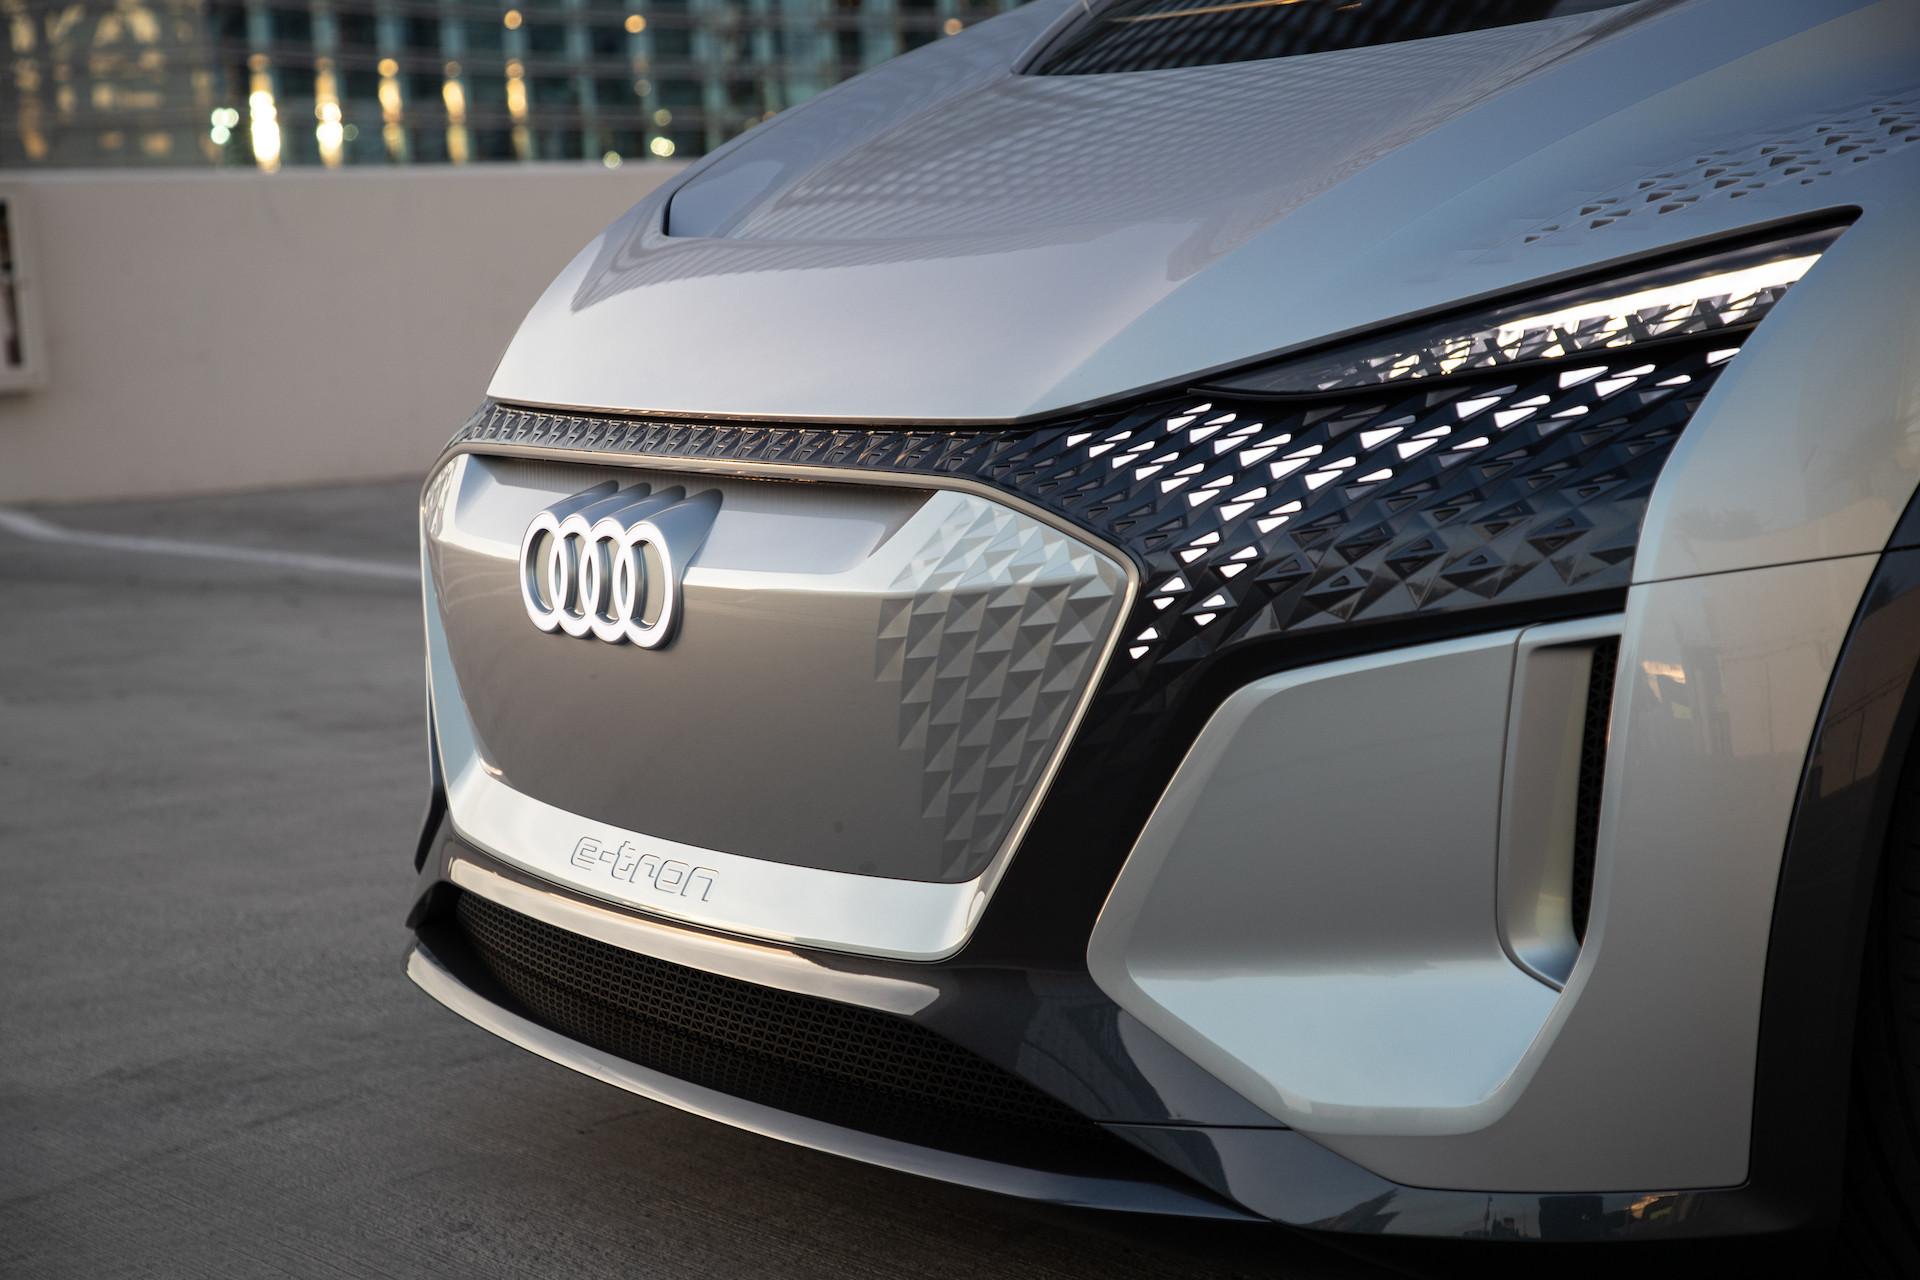 Audi auf der CES 2020: Die Neuheiten und Zukunftskonzepte in Las Vegas 8